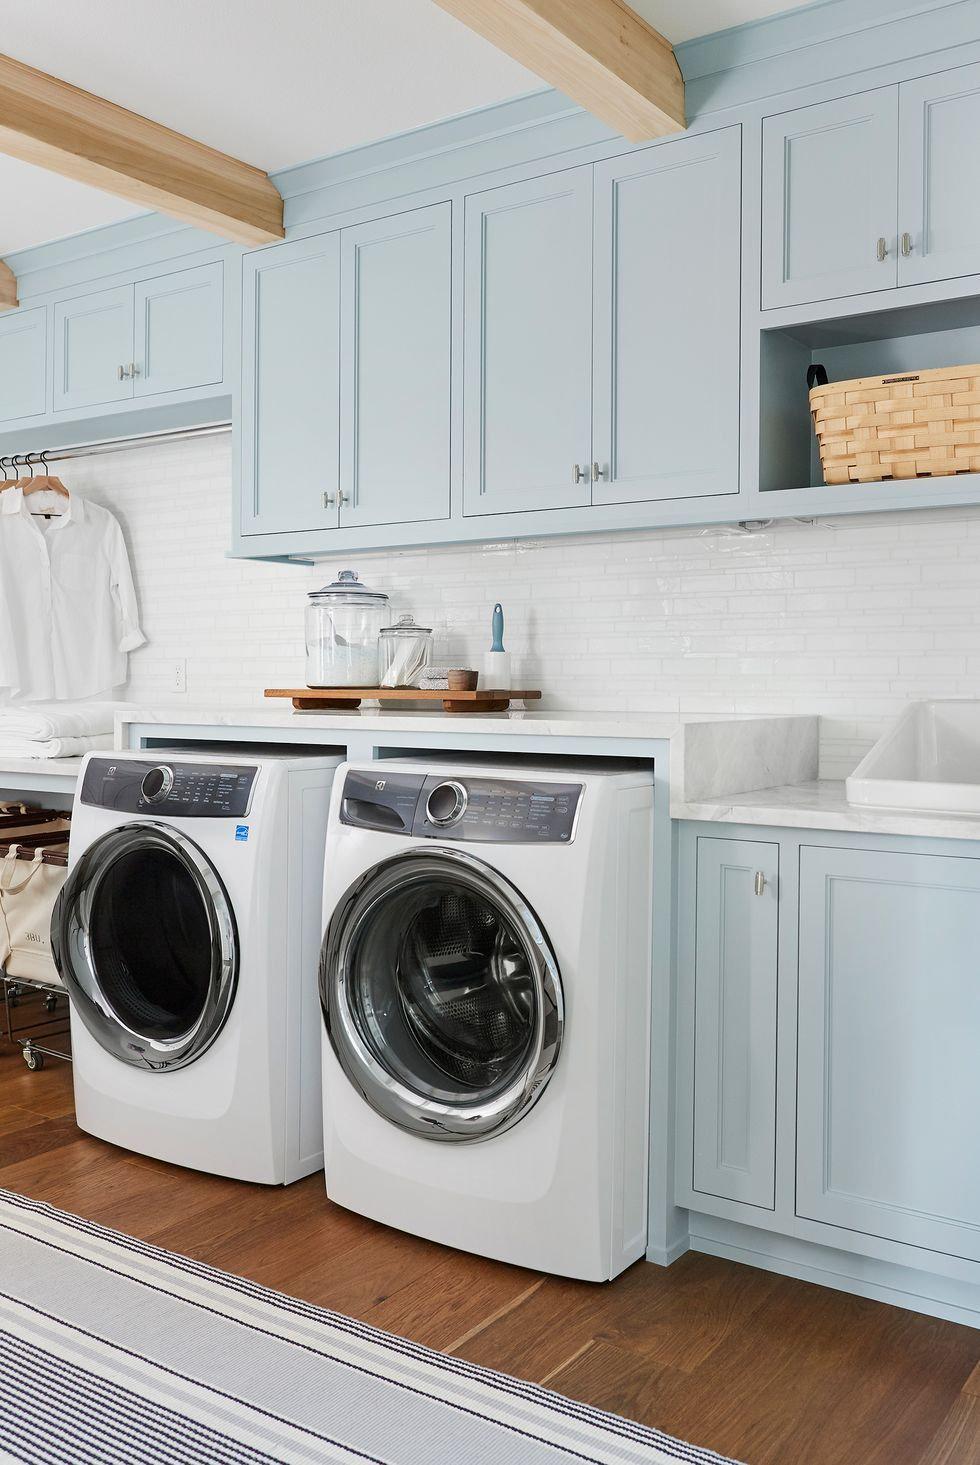 Washer/Dryer Repair